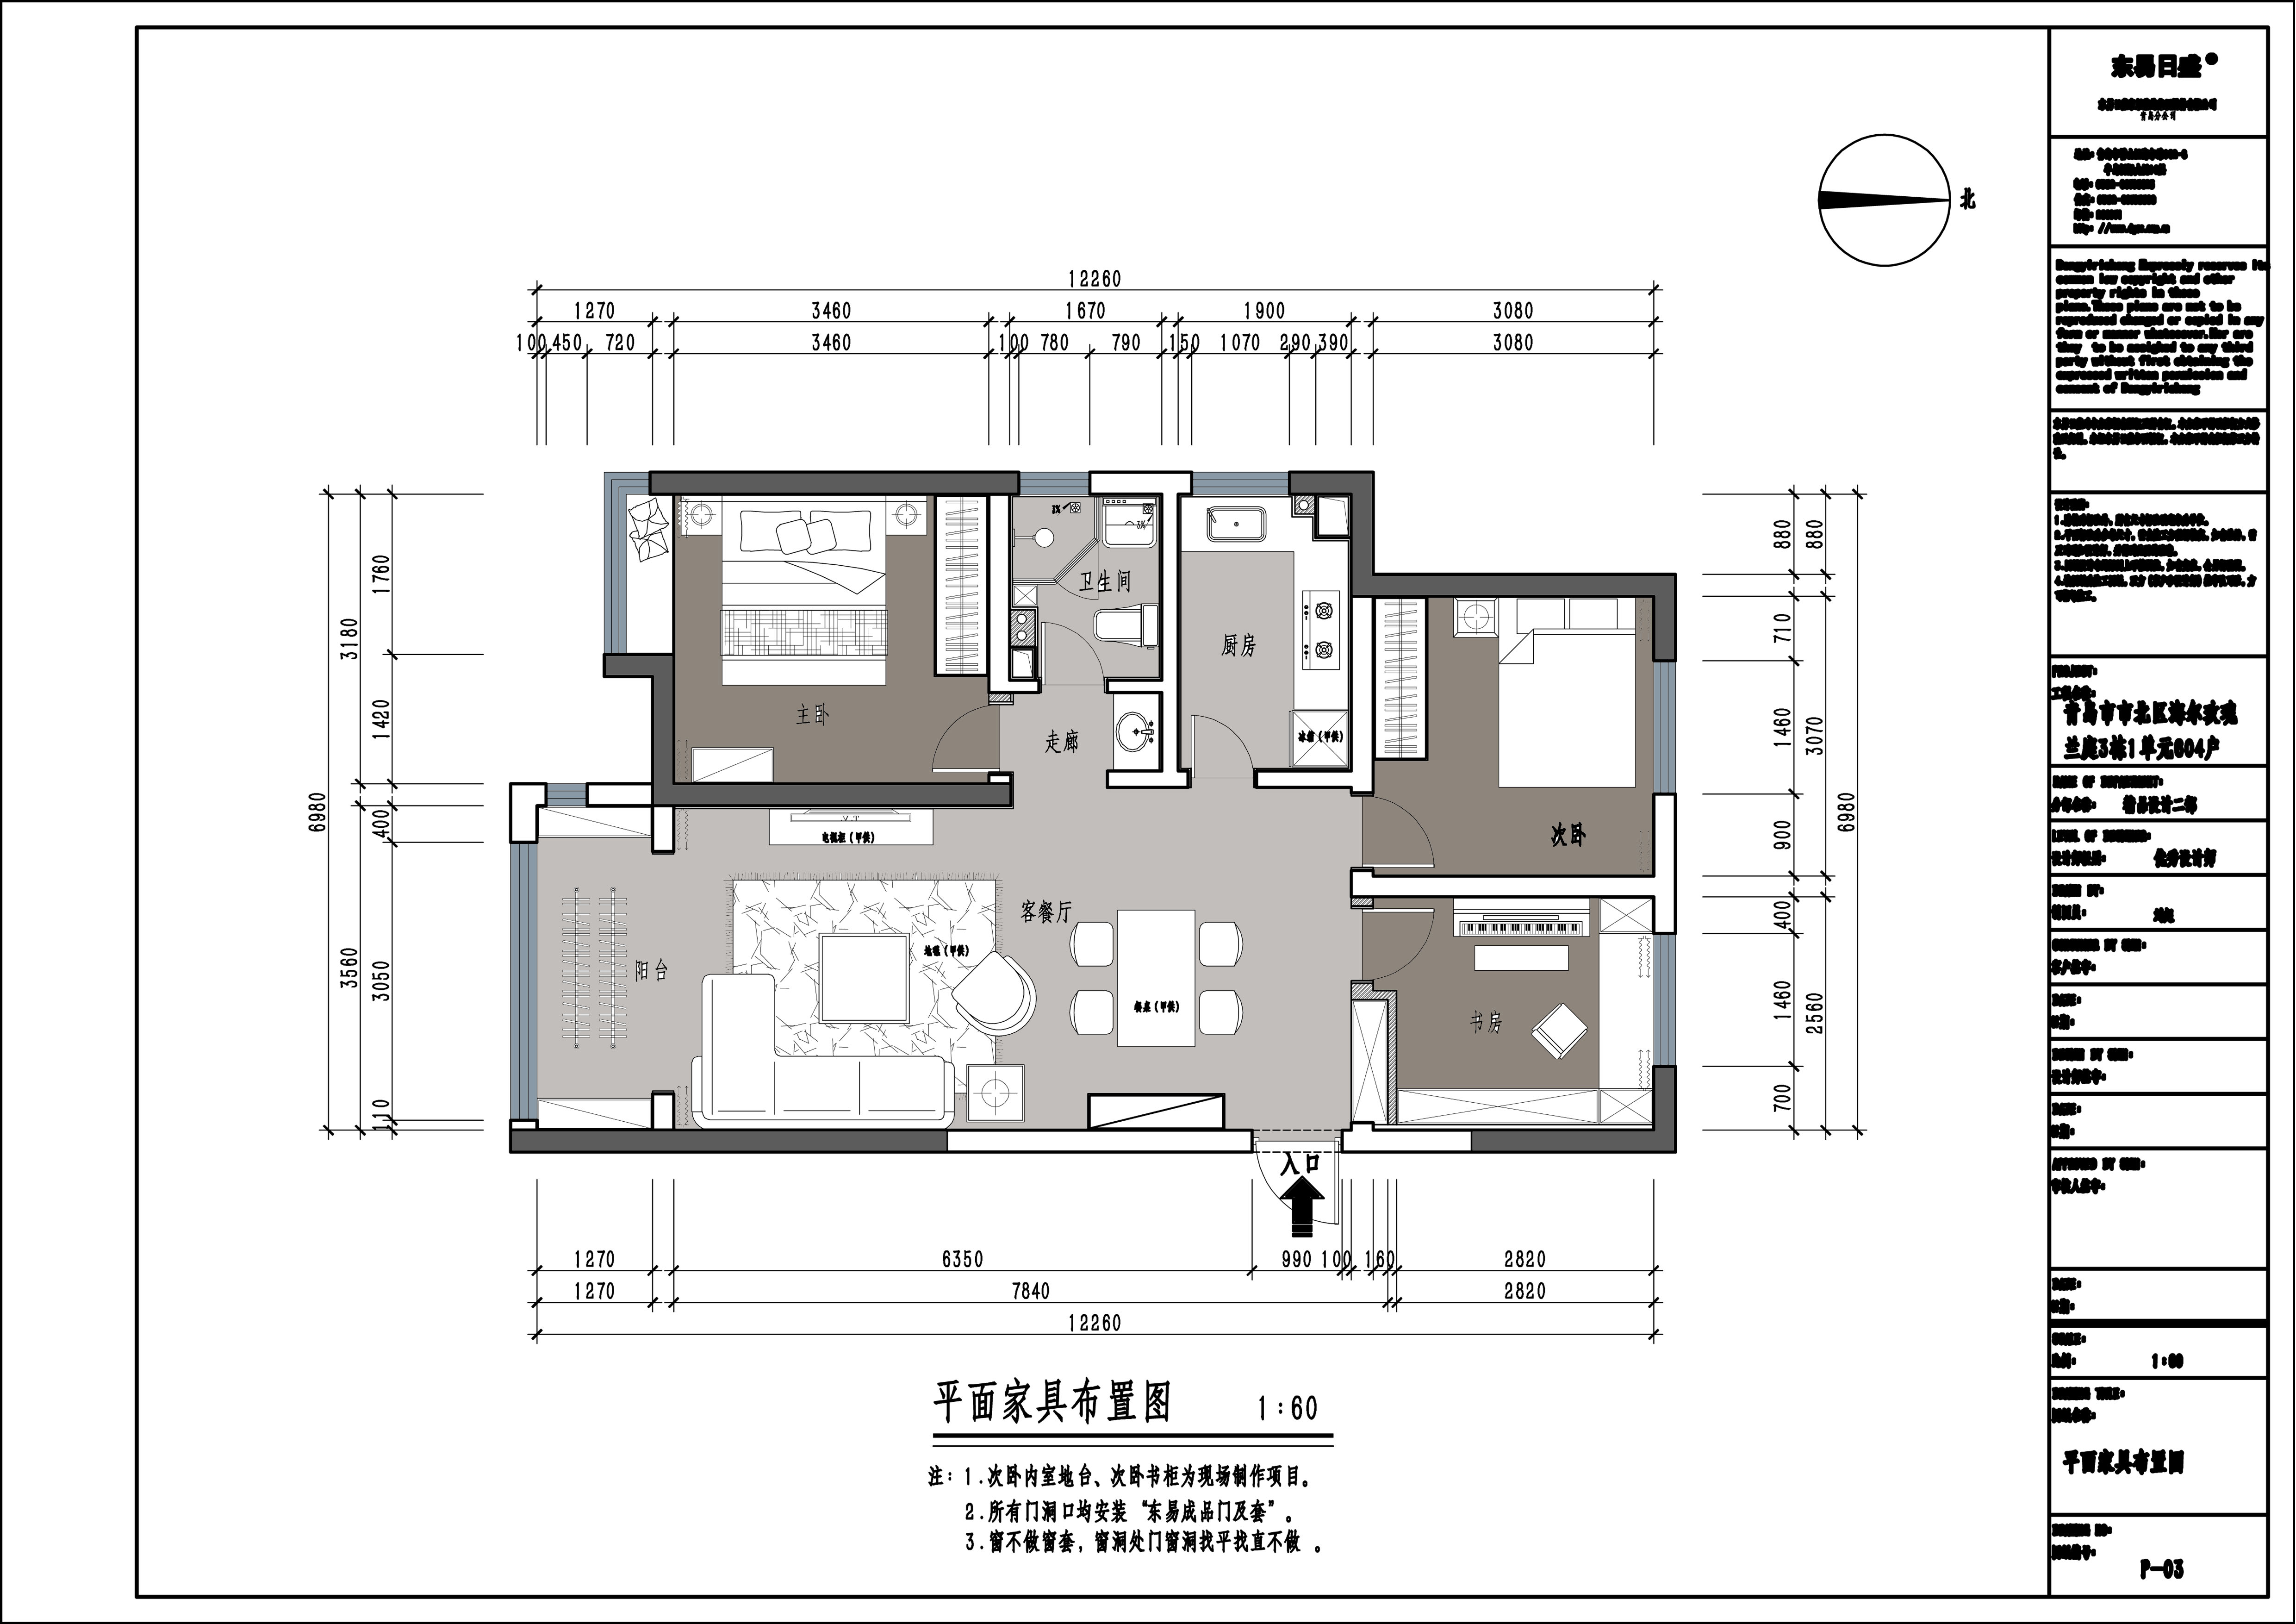 海尔玫瑰兰庭 101㎡ 现代简约装修设计理念